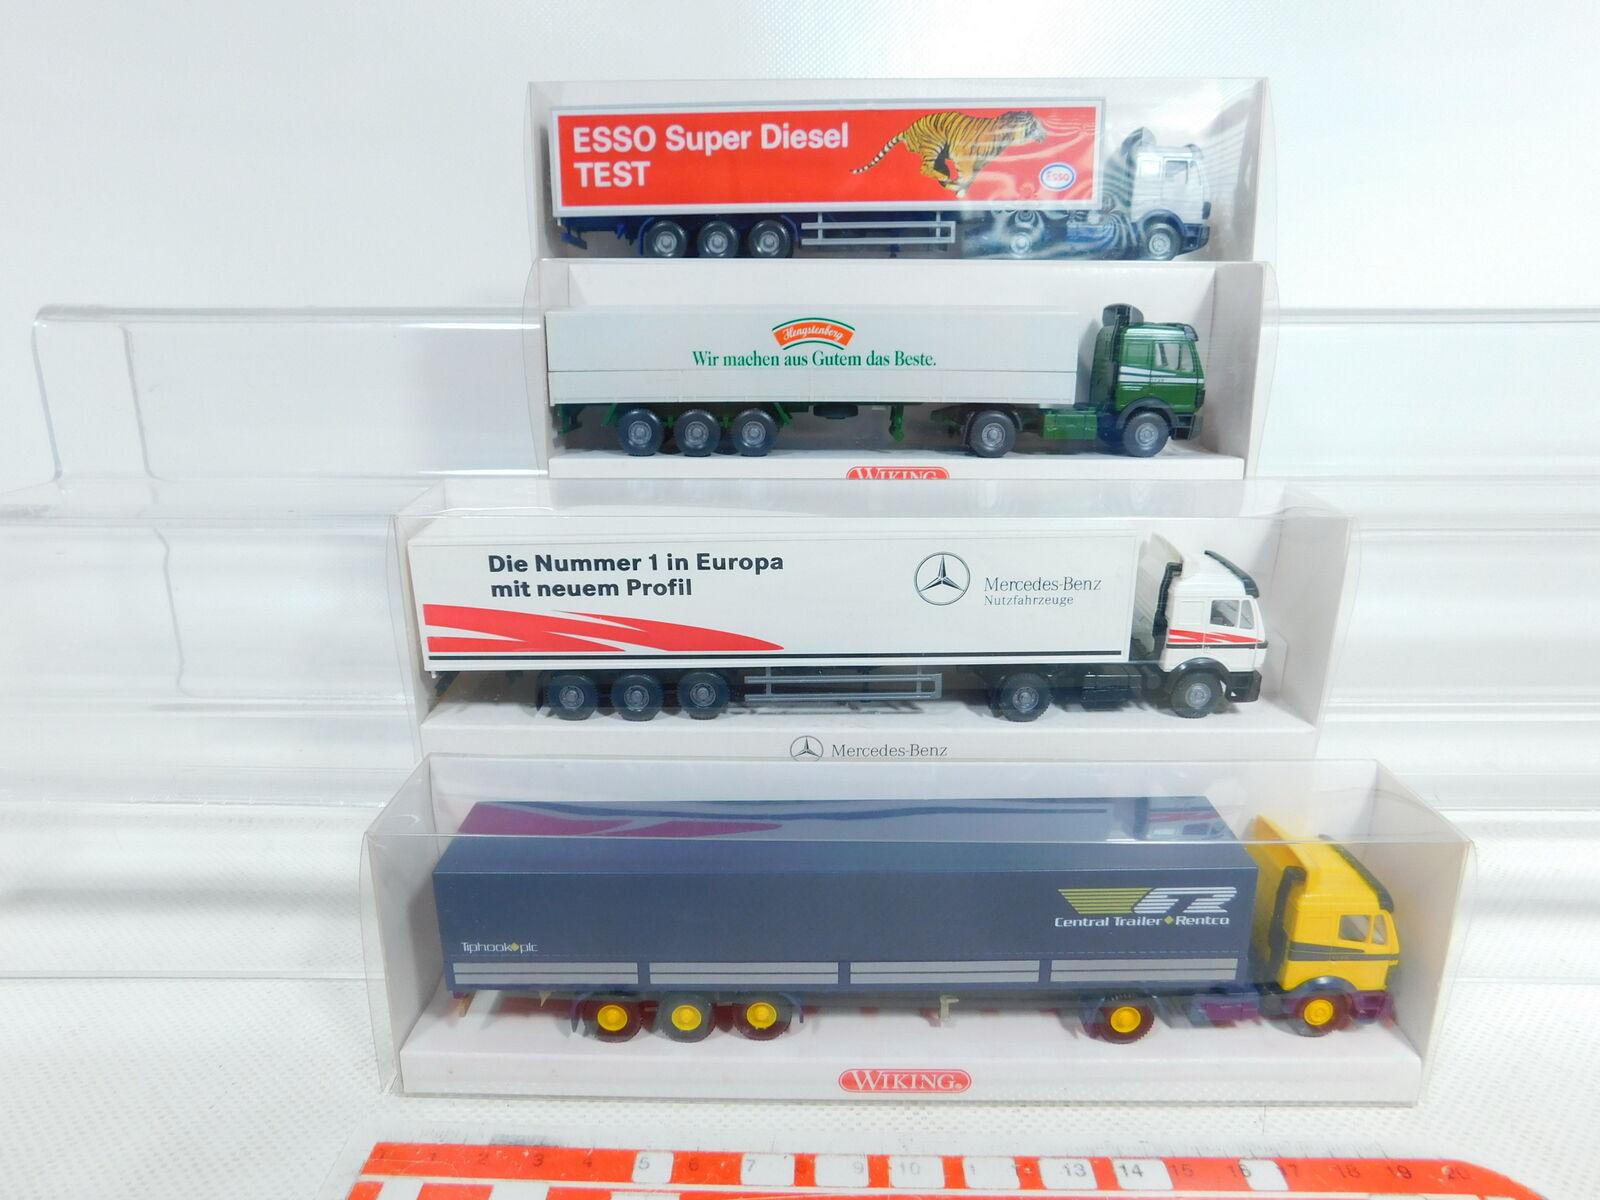 punto de venta Bx332-0, 5  4x Wiking 1 87 87 87 h0 remolCochese camión MB  510 + 600 + esso + 511, top + embalaje original  la red entera más baja